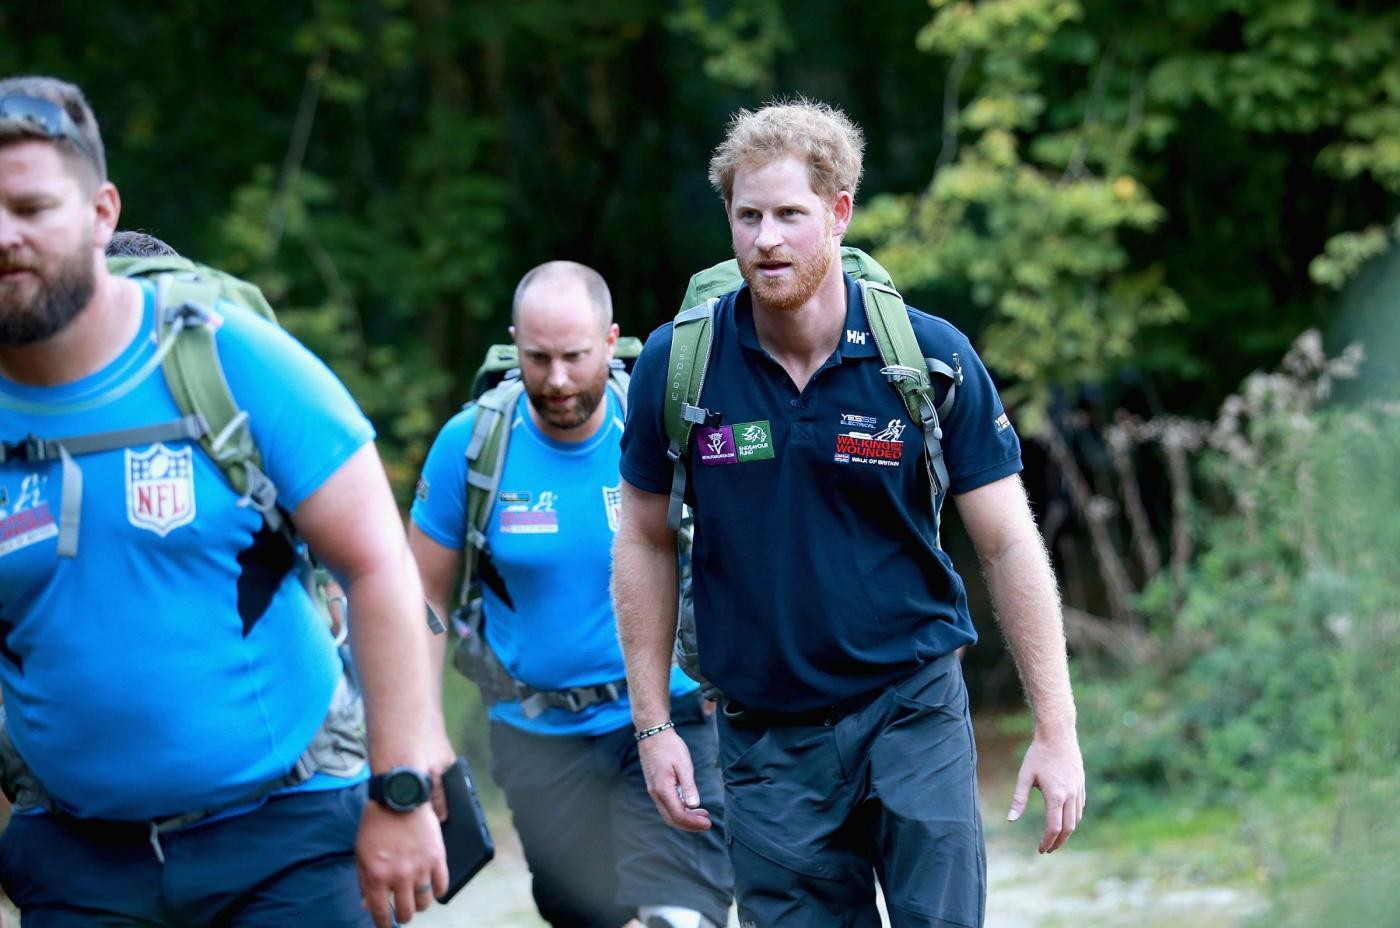 Harry in marcia con i reduci: barba incolta, look sportivo4